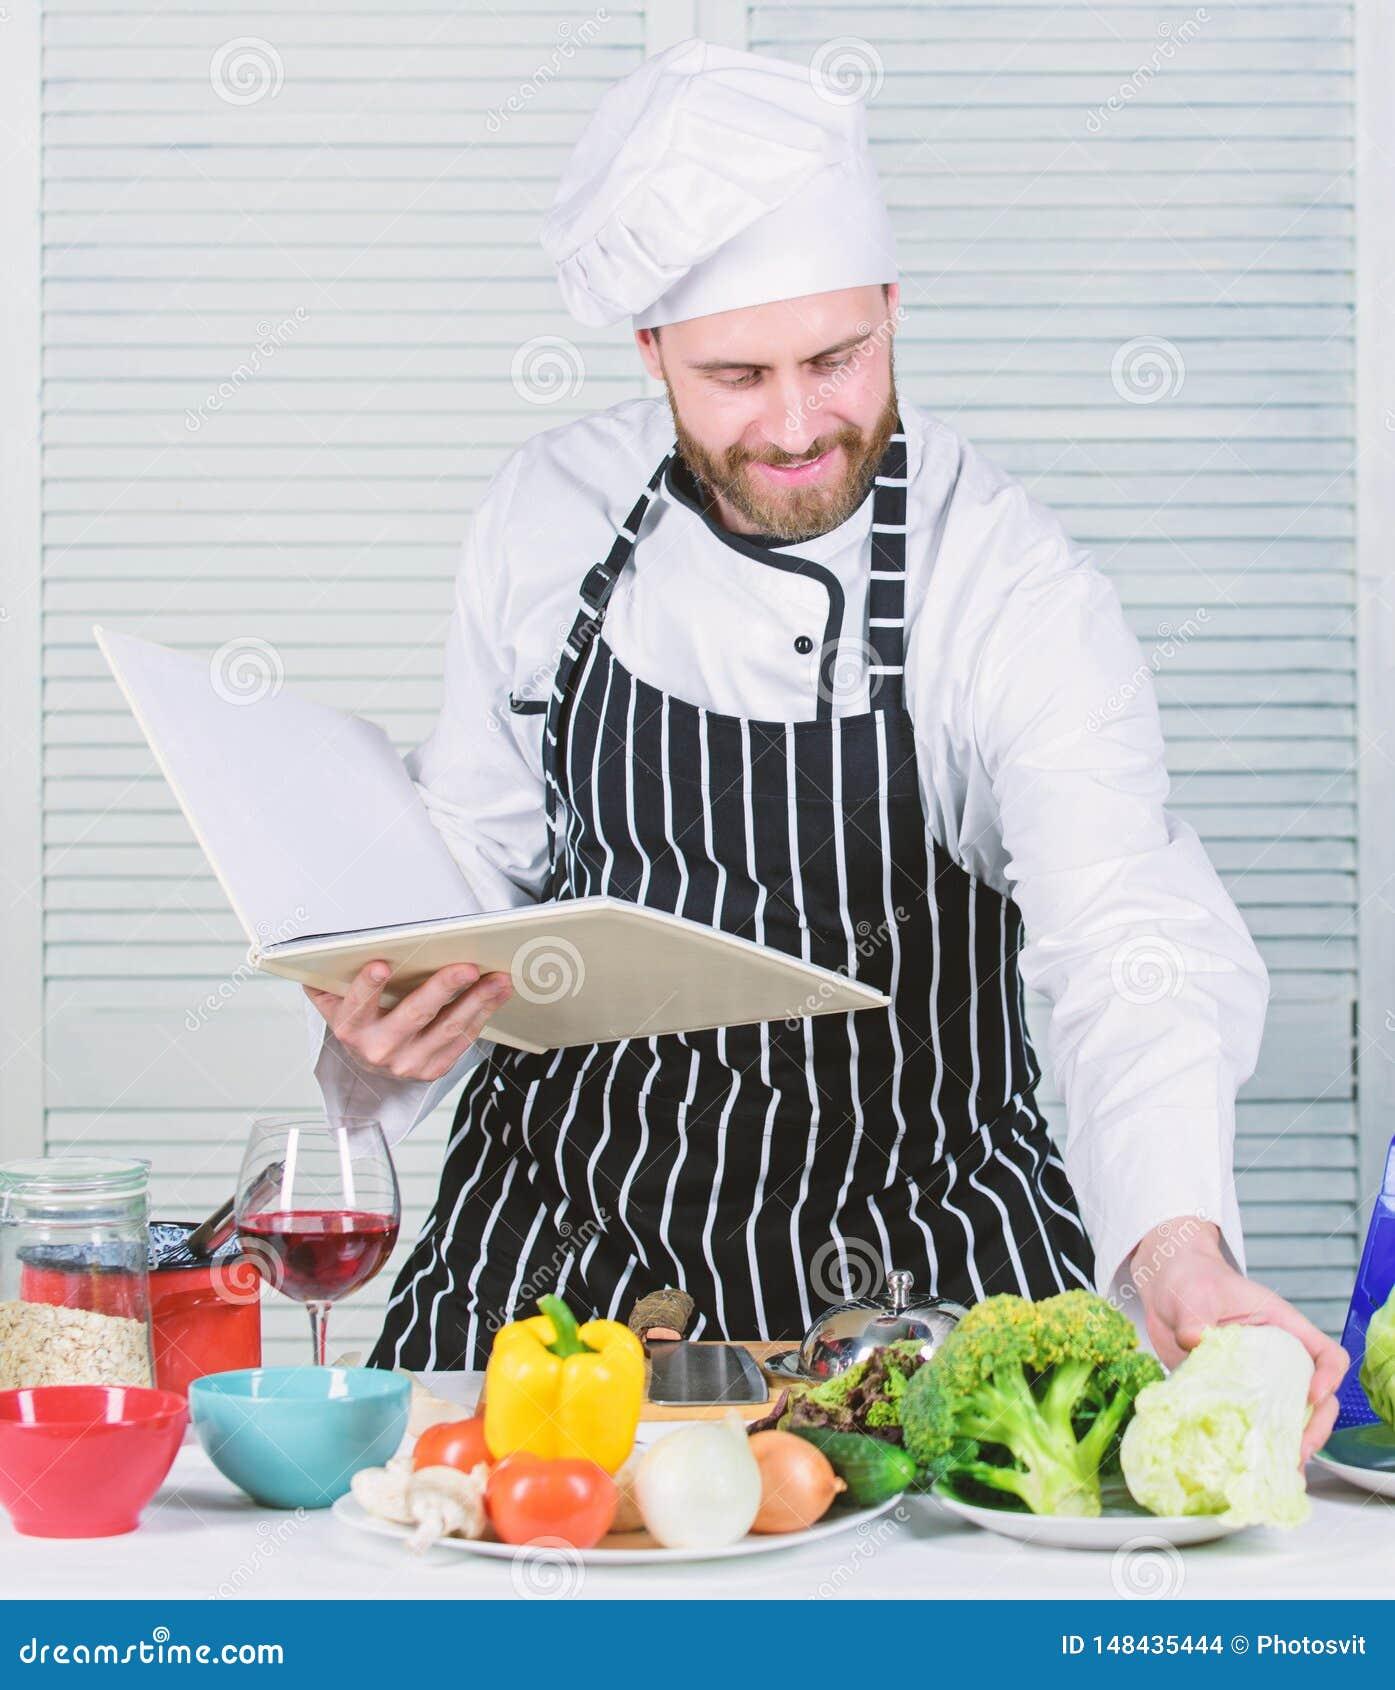 Begrepp f?r kulinariska konster Mannen l?r recept F?rb?ttra att laga mat expertis Bokfamiljrecept Ultimat laga mat handbok f?r